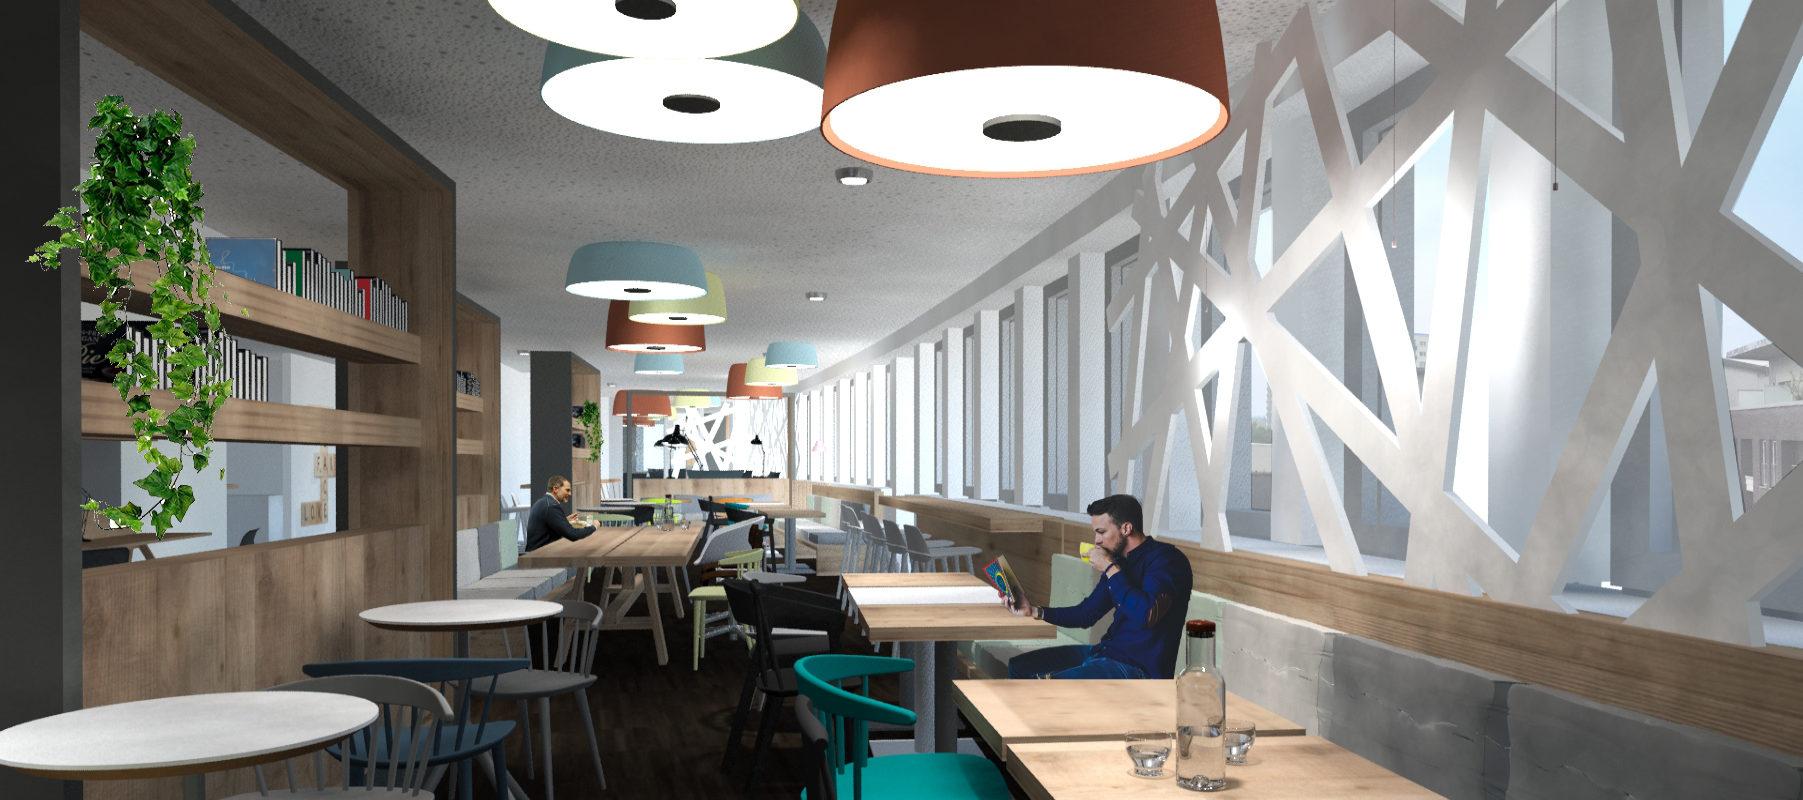 Interiordesign Mitarbeiterräume Kantine